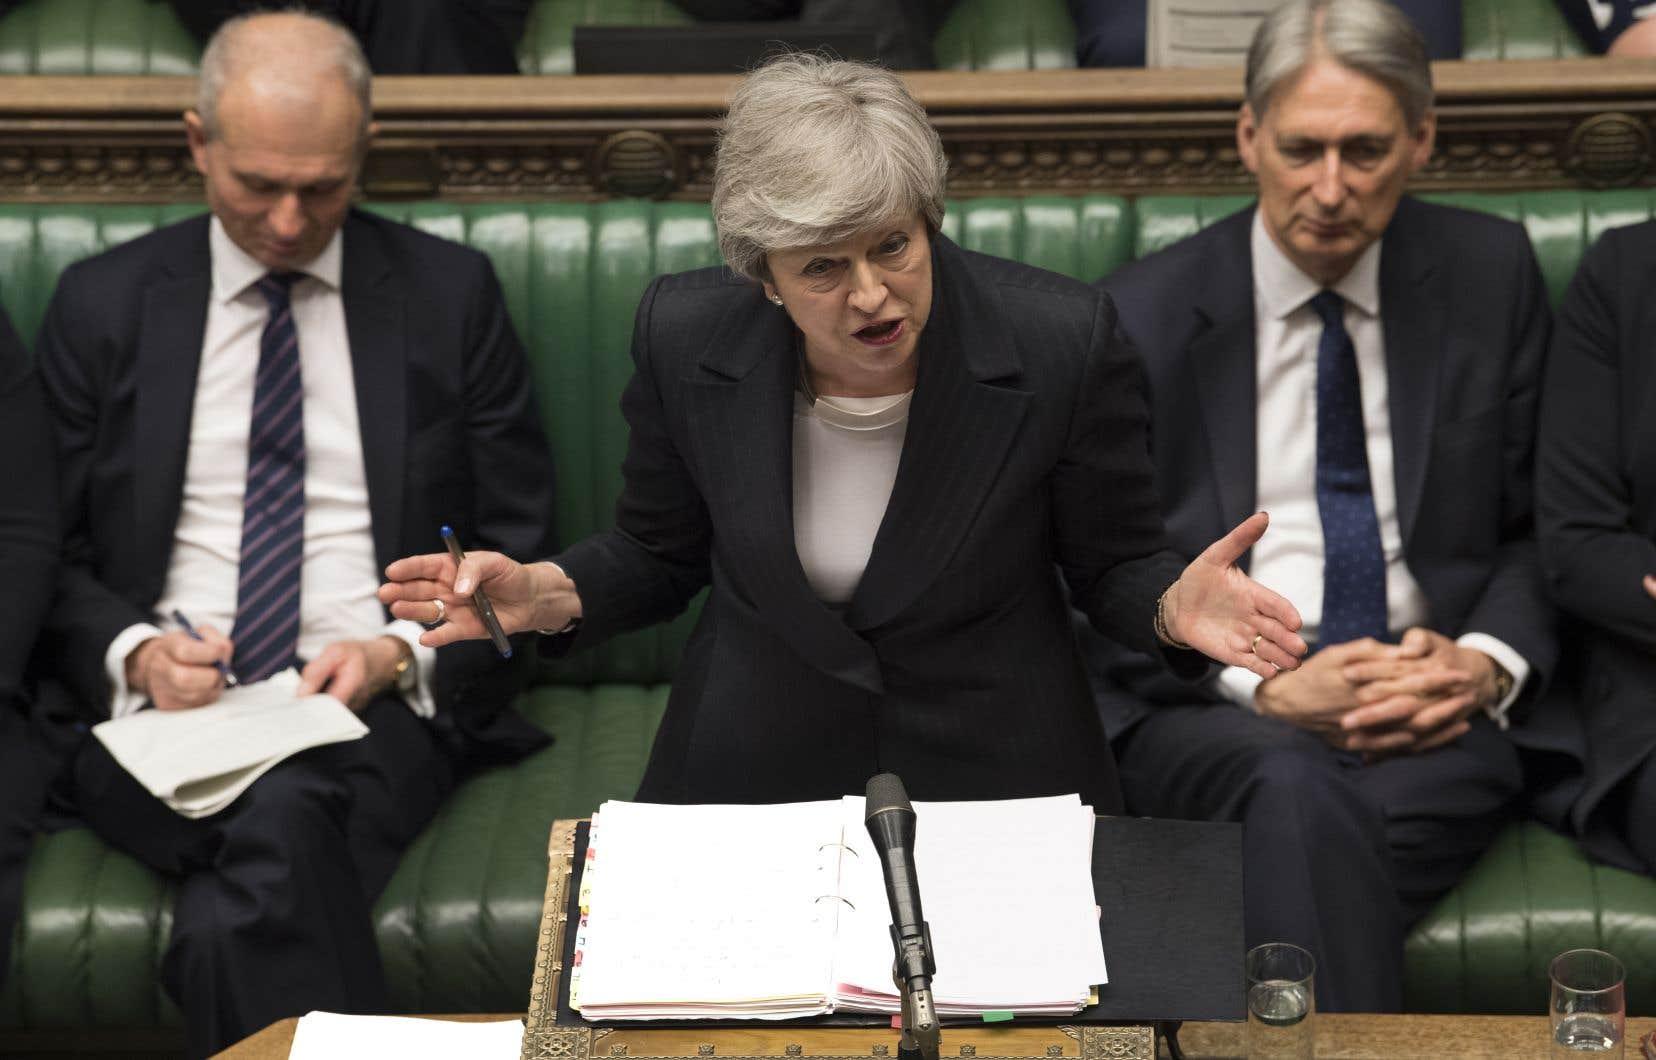 <p>La première ministre britannique avait présenté ce projet de loi comme «la dernière chance» de mettre en œuvre la sortie de l'UE.</p>